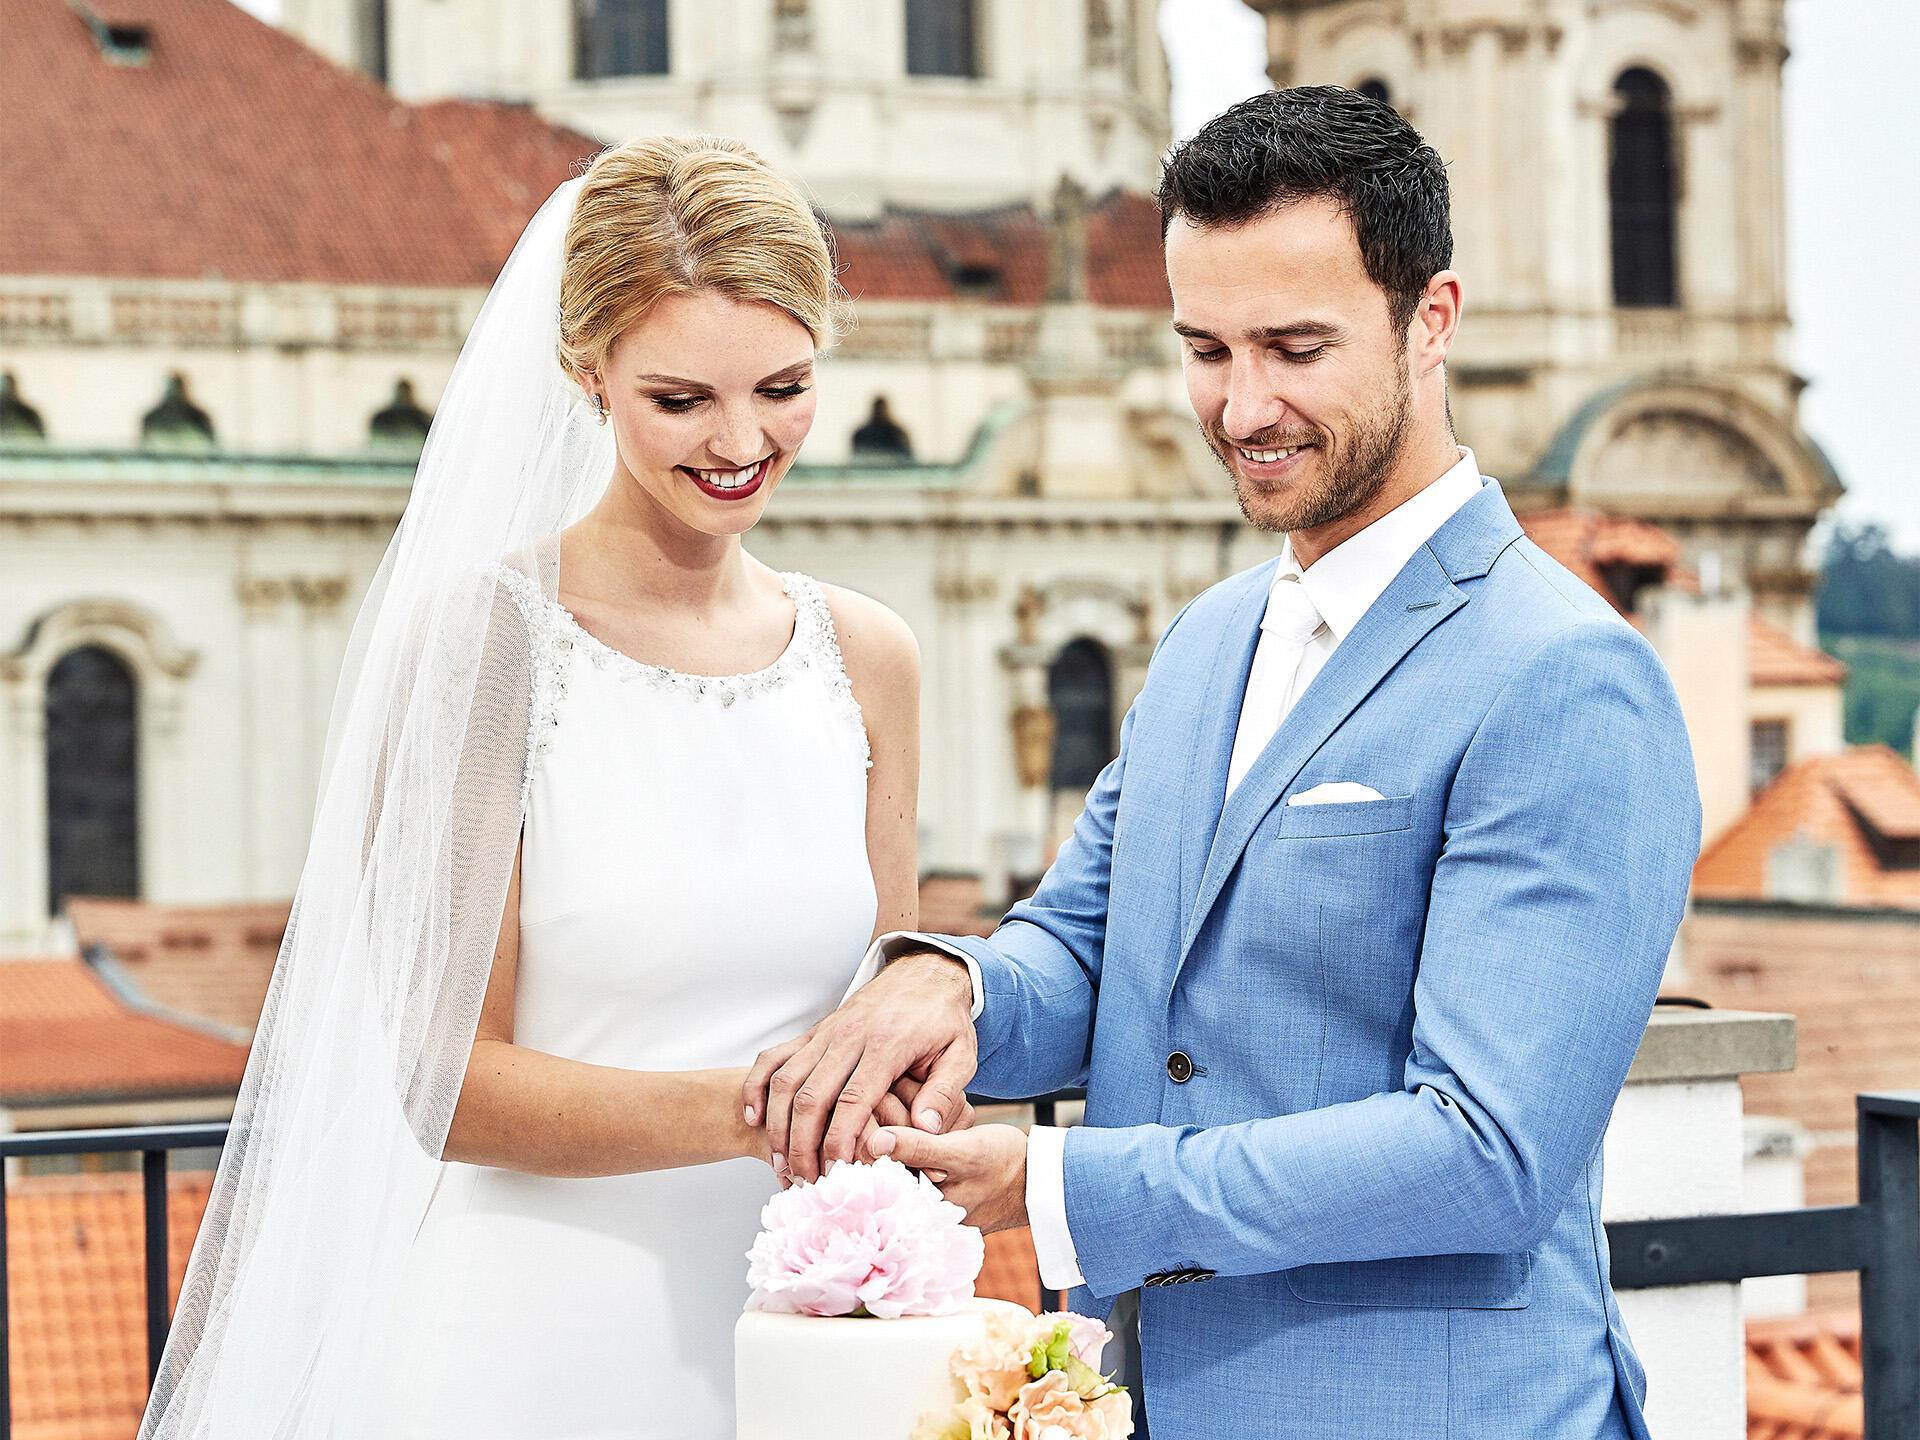 Wedding cake at Aria Hotel in Prague